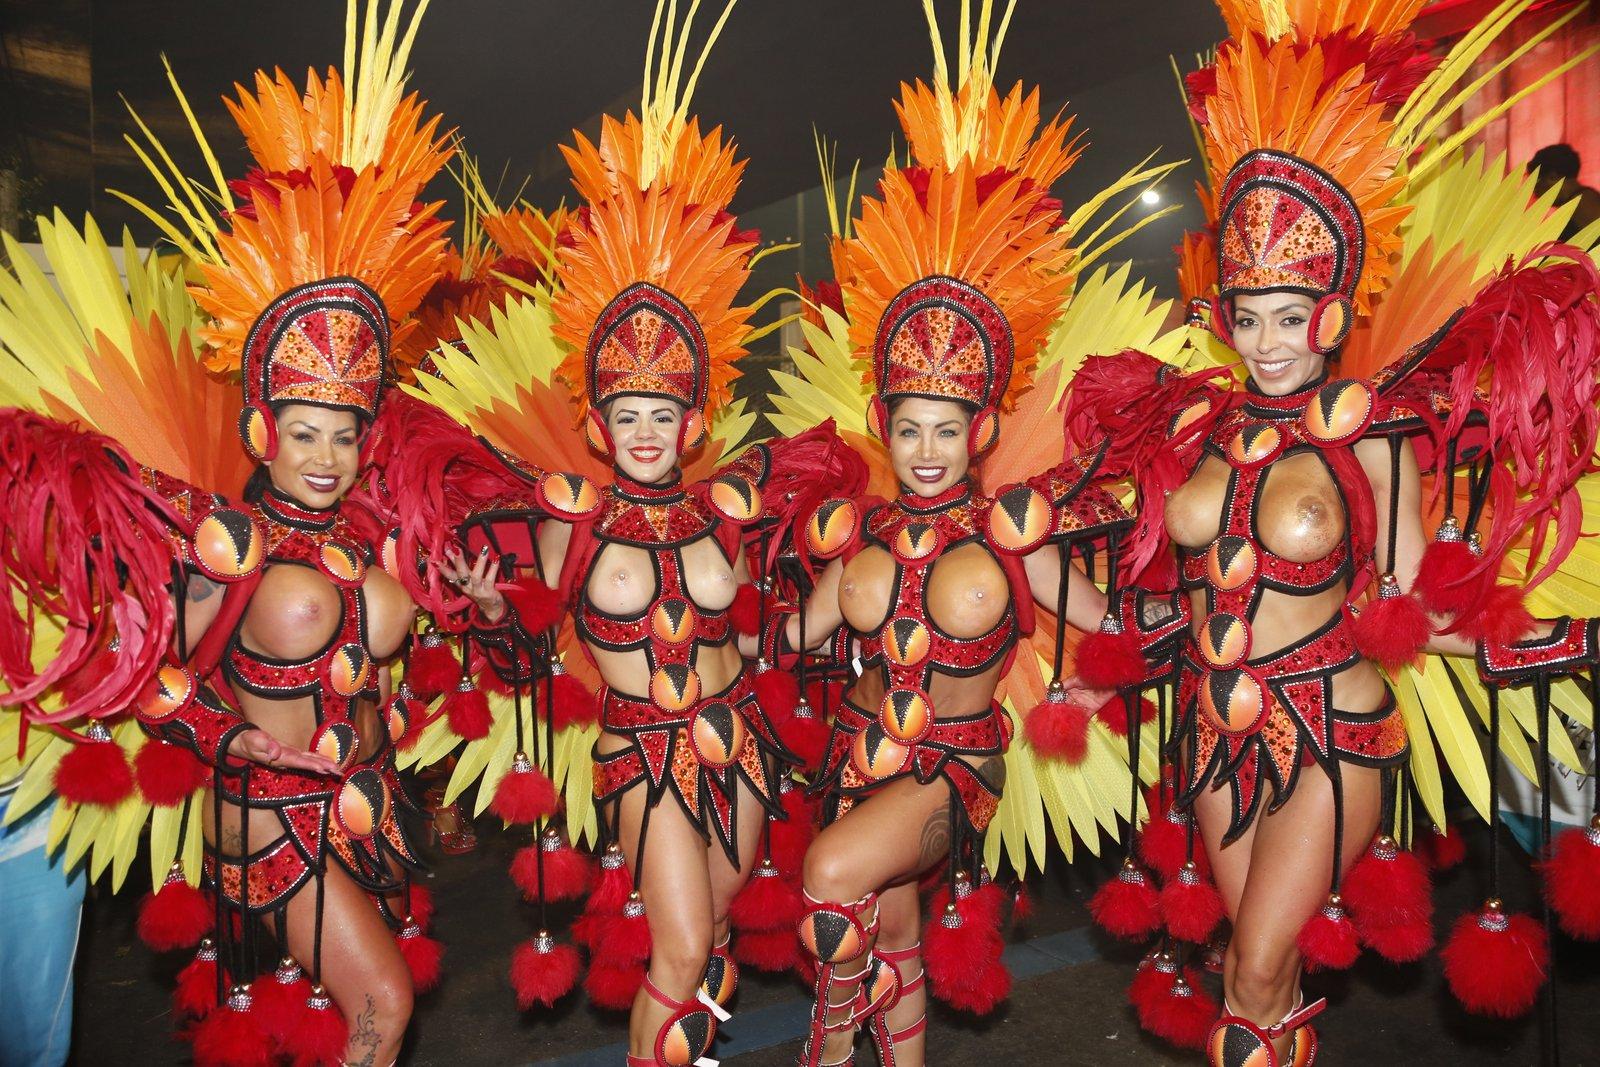 Порнфото с базильских карнавалов